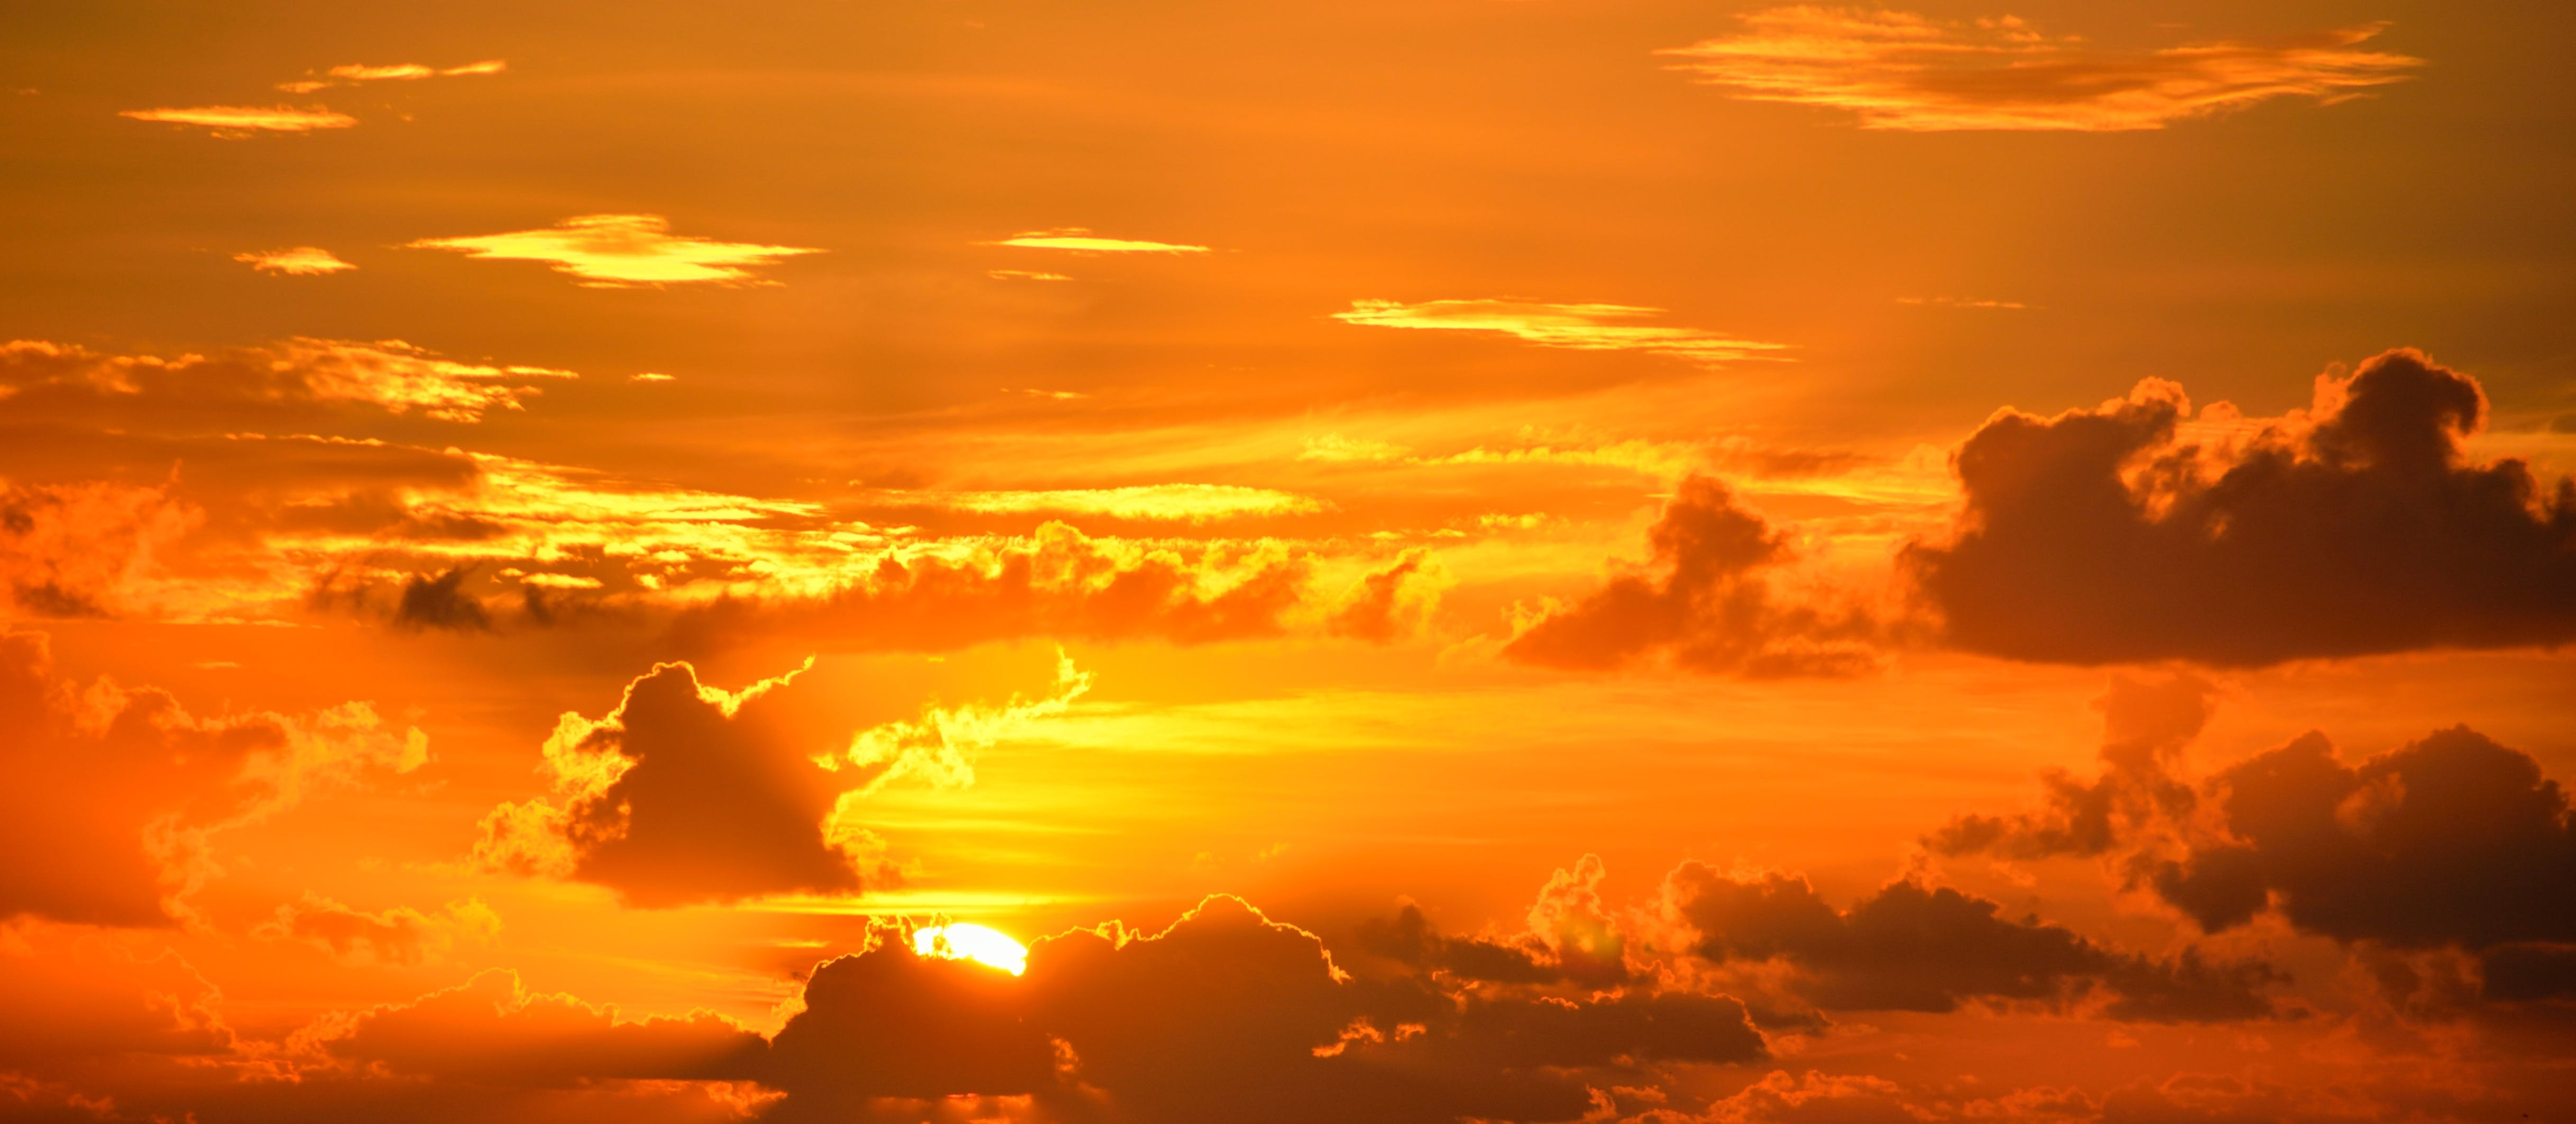 backlit, beauty, breathtaking